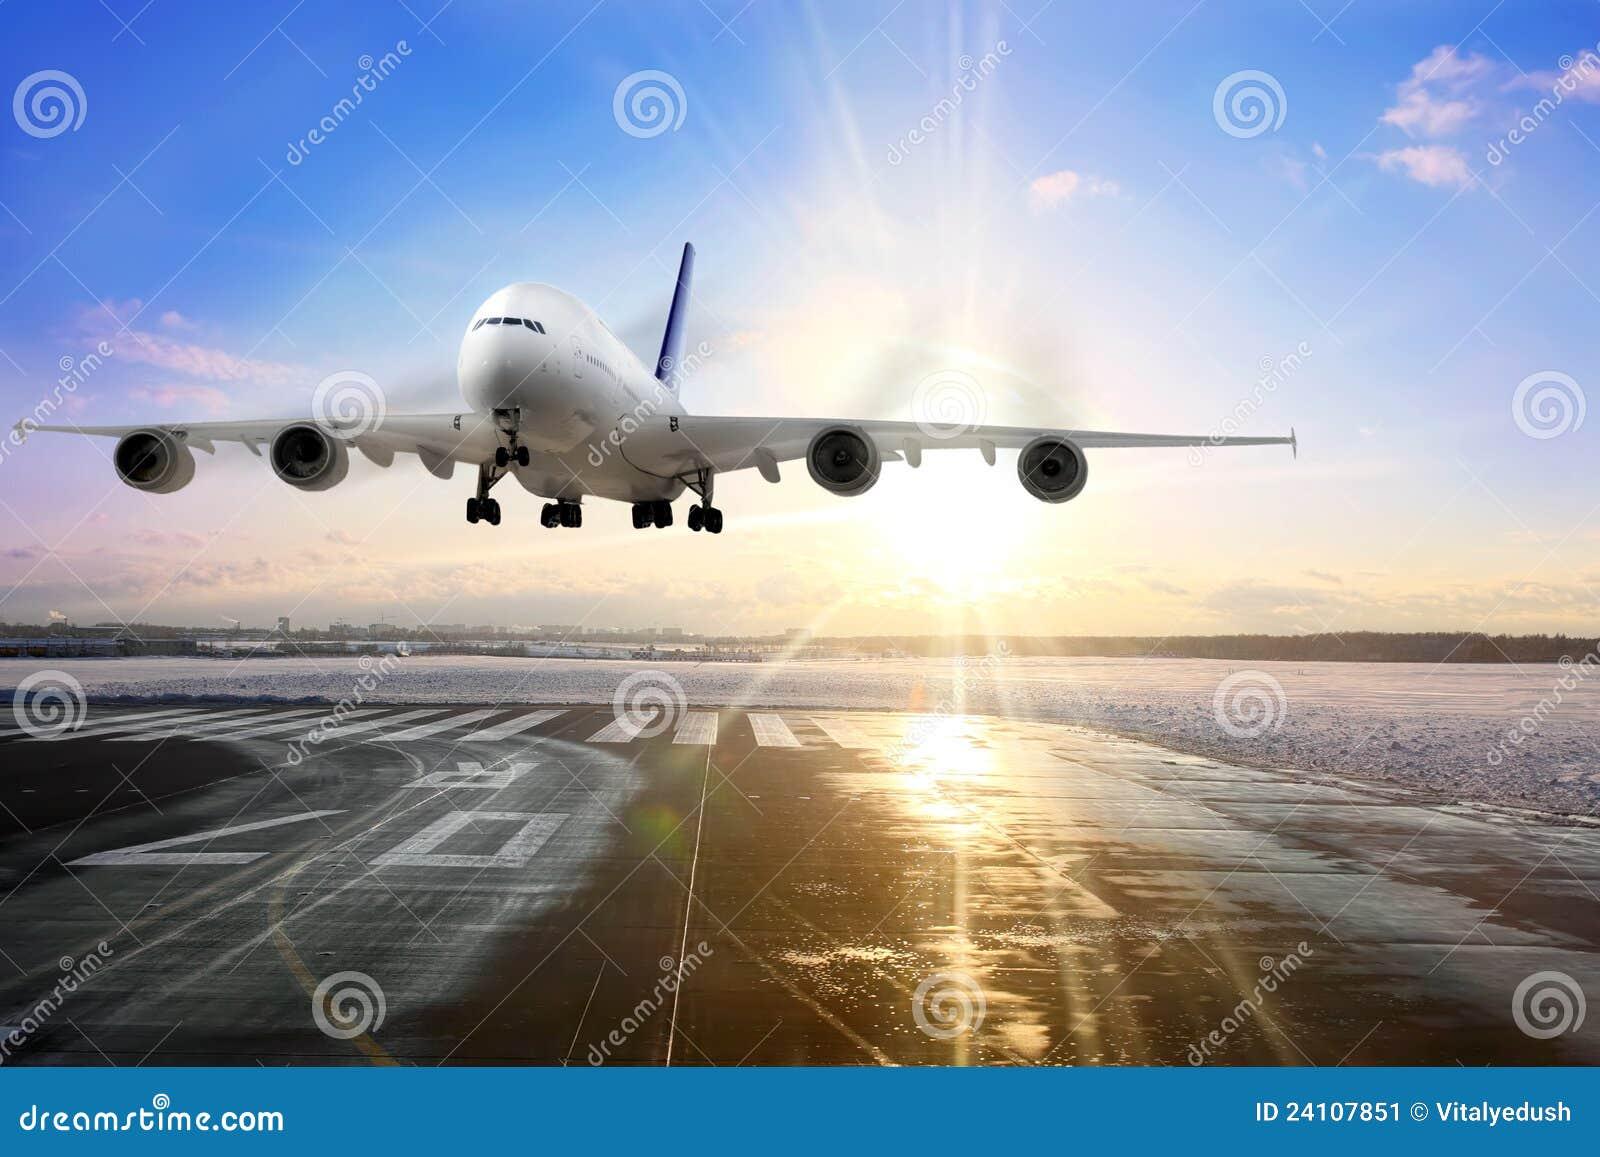 Atterrissage d avion de passager sur la piste dans l aéroport.